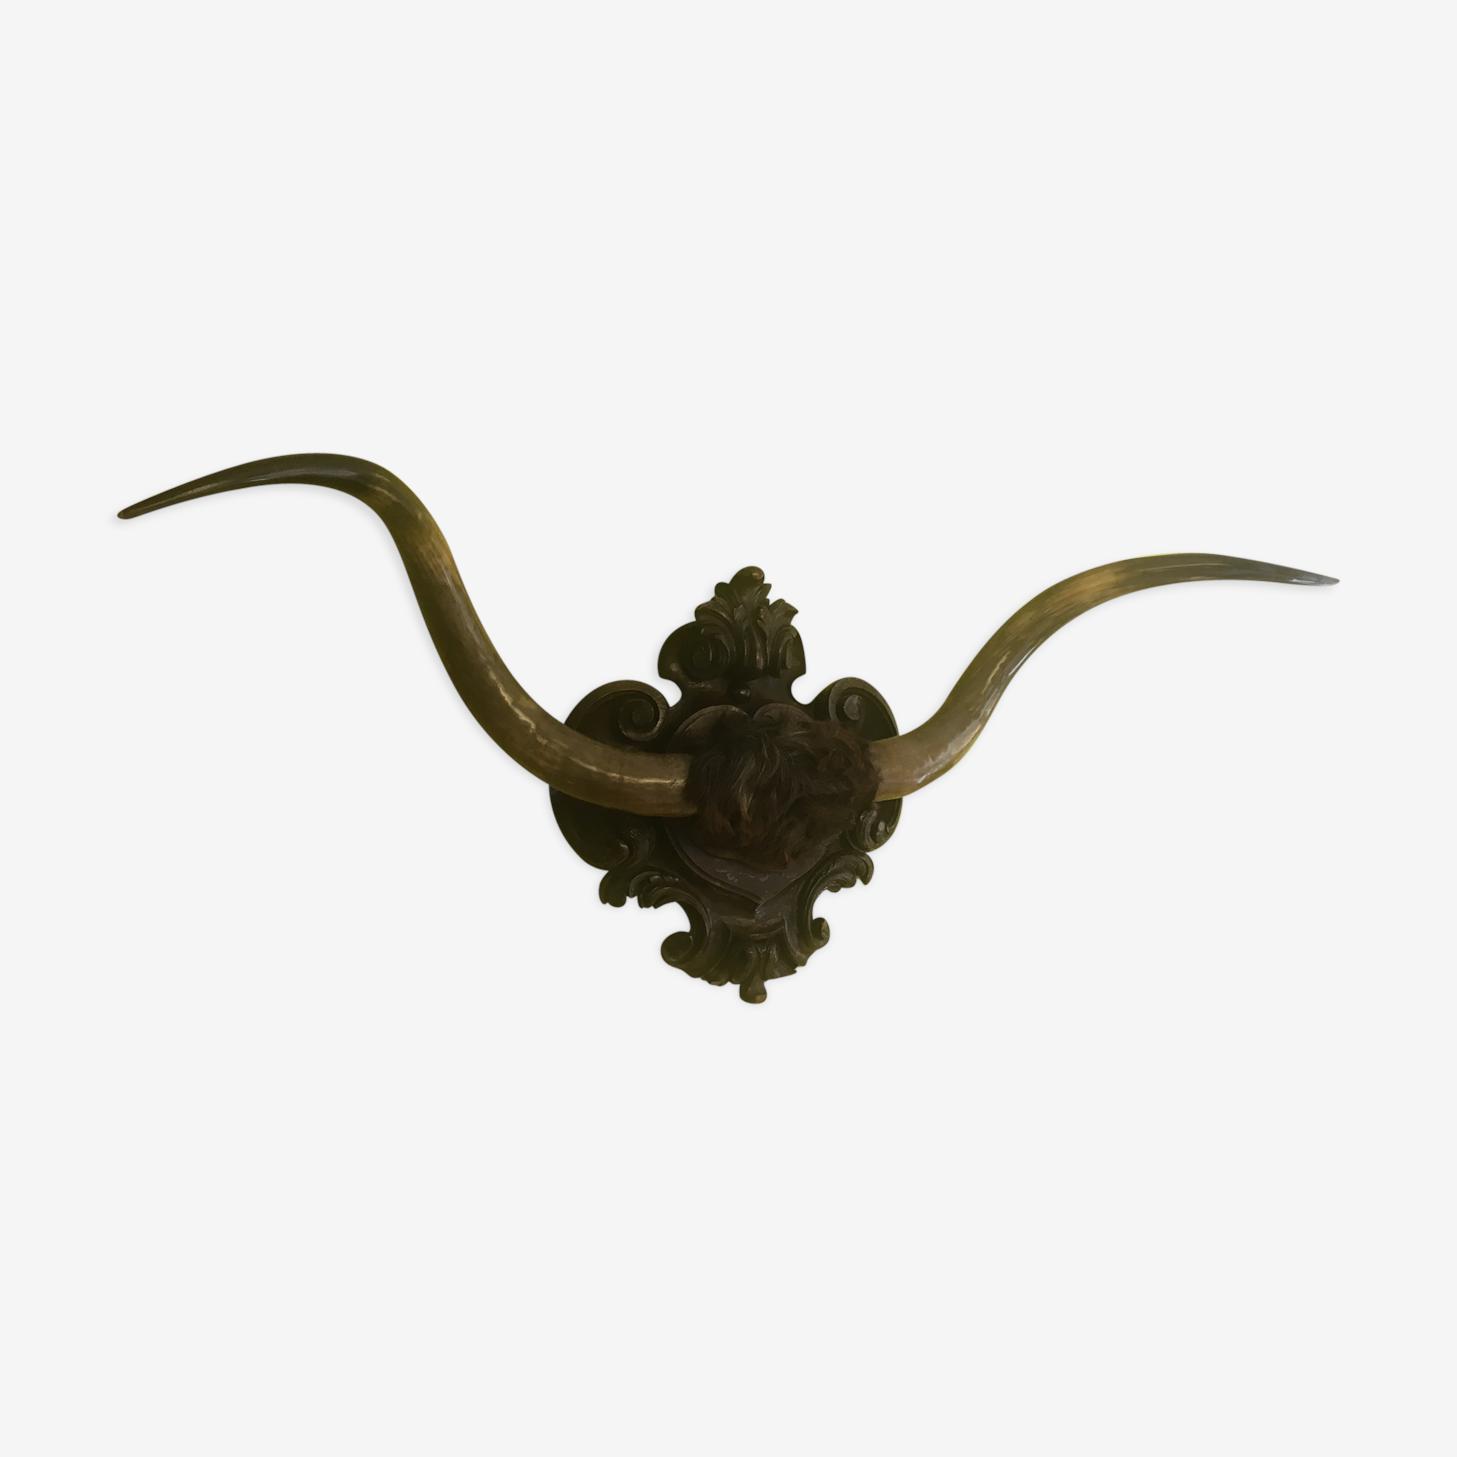 Trophy bull horns